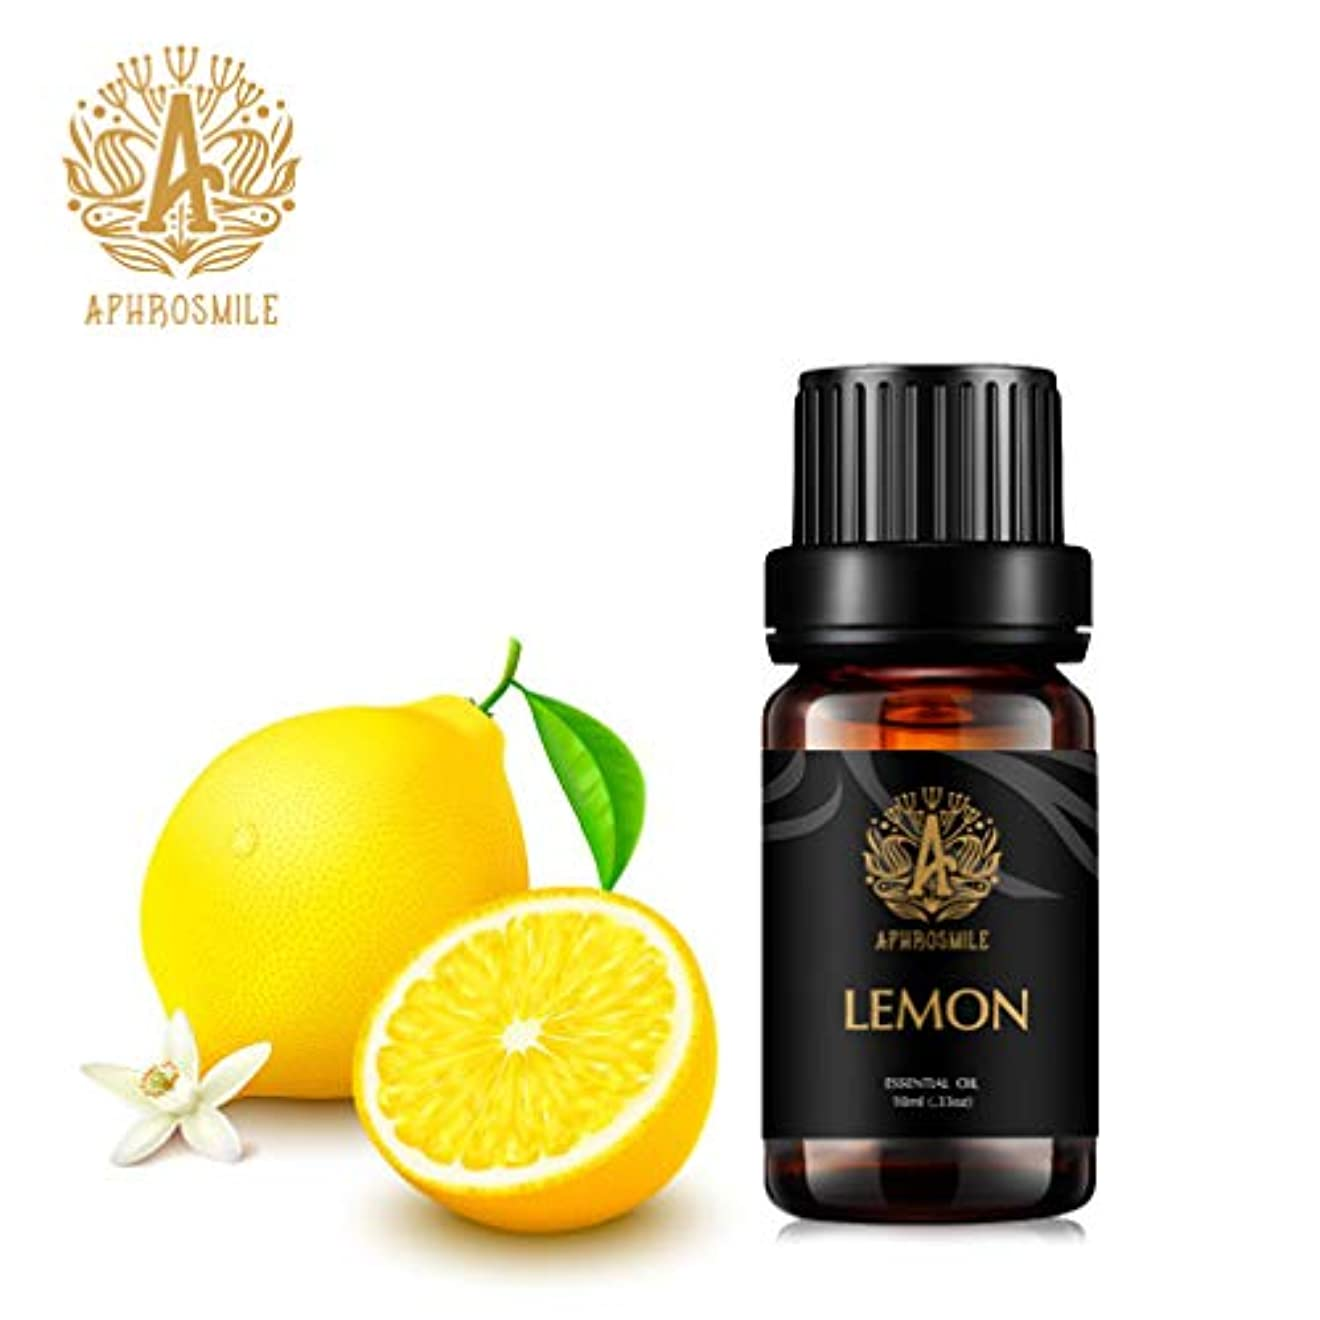 従事したブリークうれしいレモン精油、100%純粋なアロマセラピーエッセンシャルオイルレモンの香り、クレンジングとし、空気を浄化します、治療用グレードエッセンシャルオイルレモンの香り為にディフューザー、マッサージ、加湿器、デイリーケア、0.33オンス...